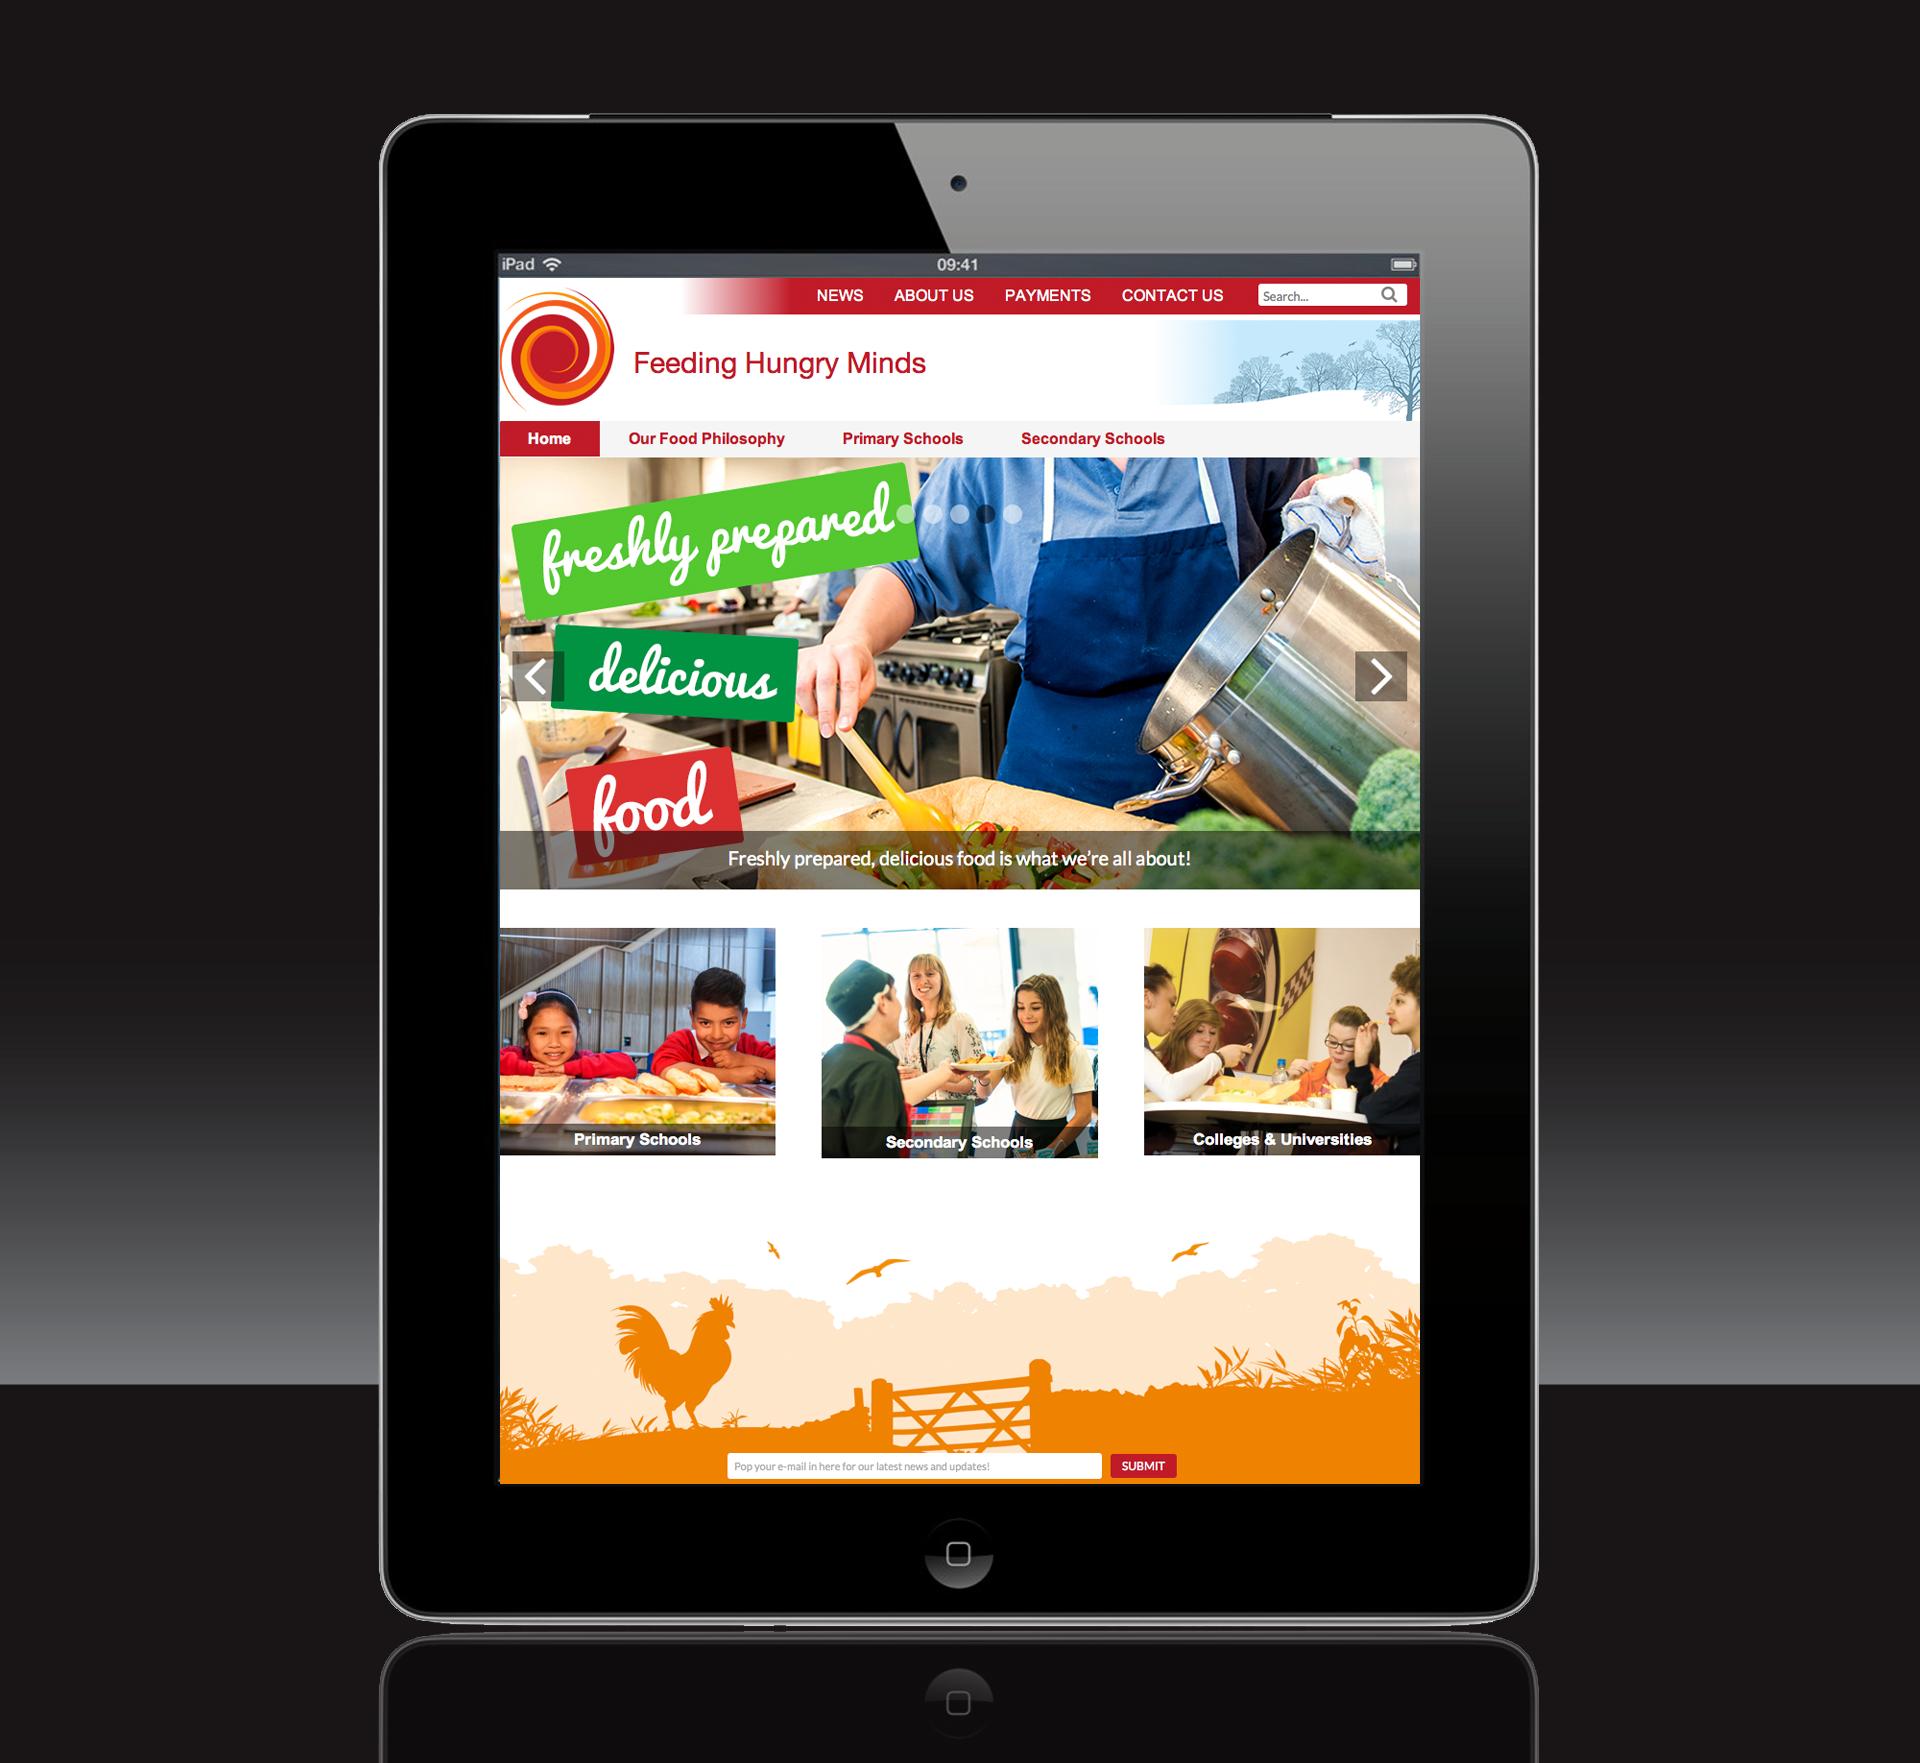 FHM Website In Situ One